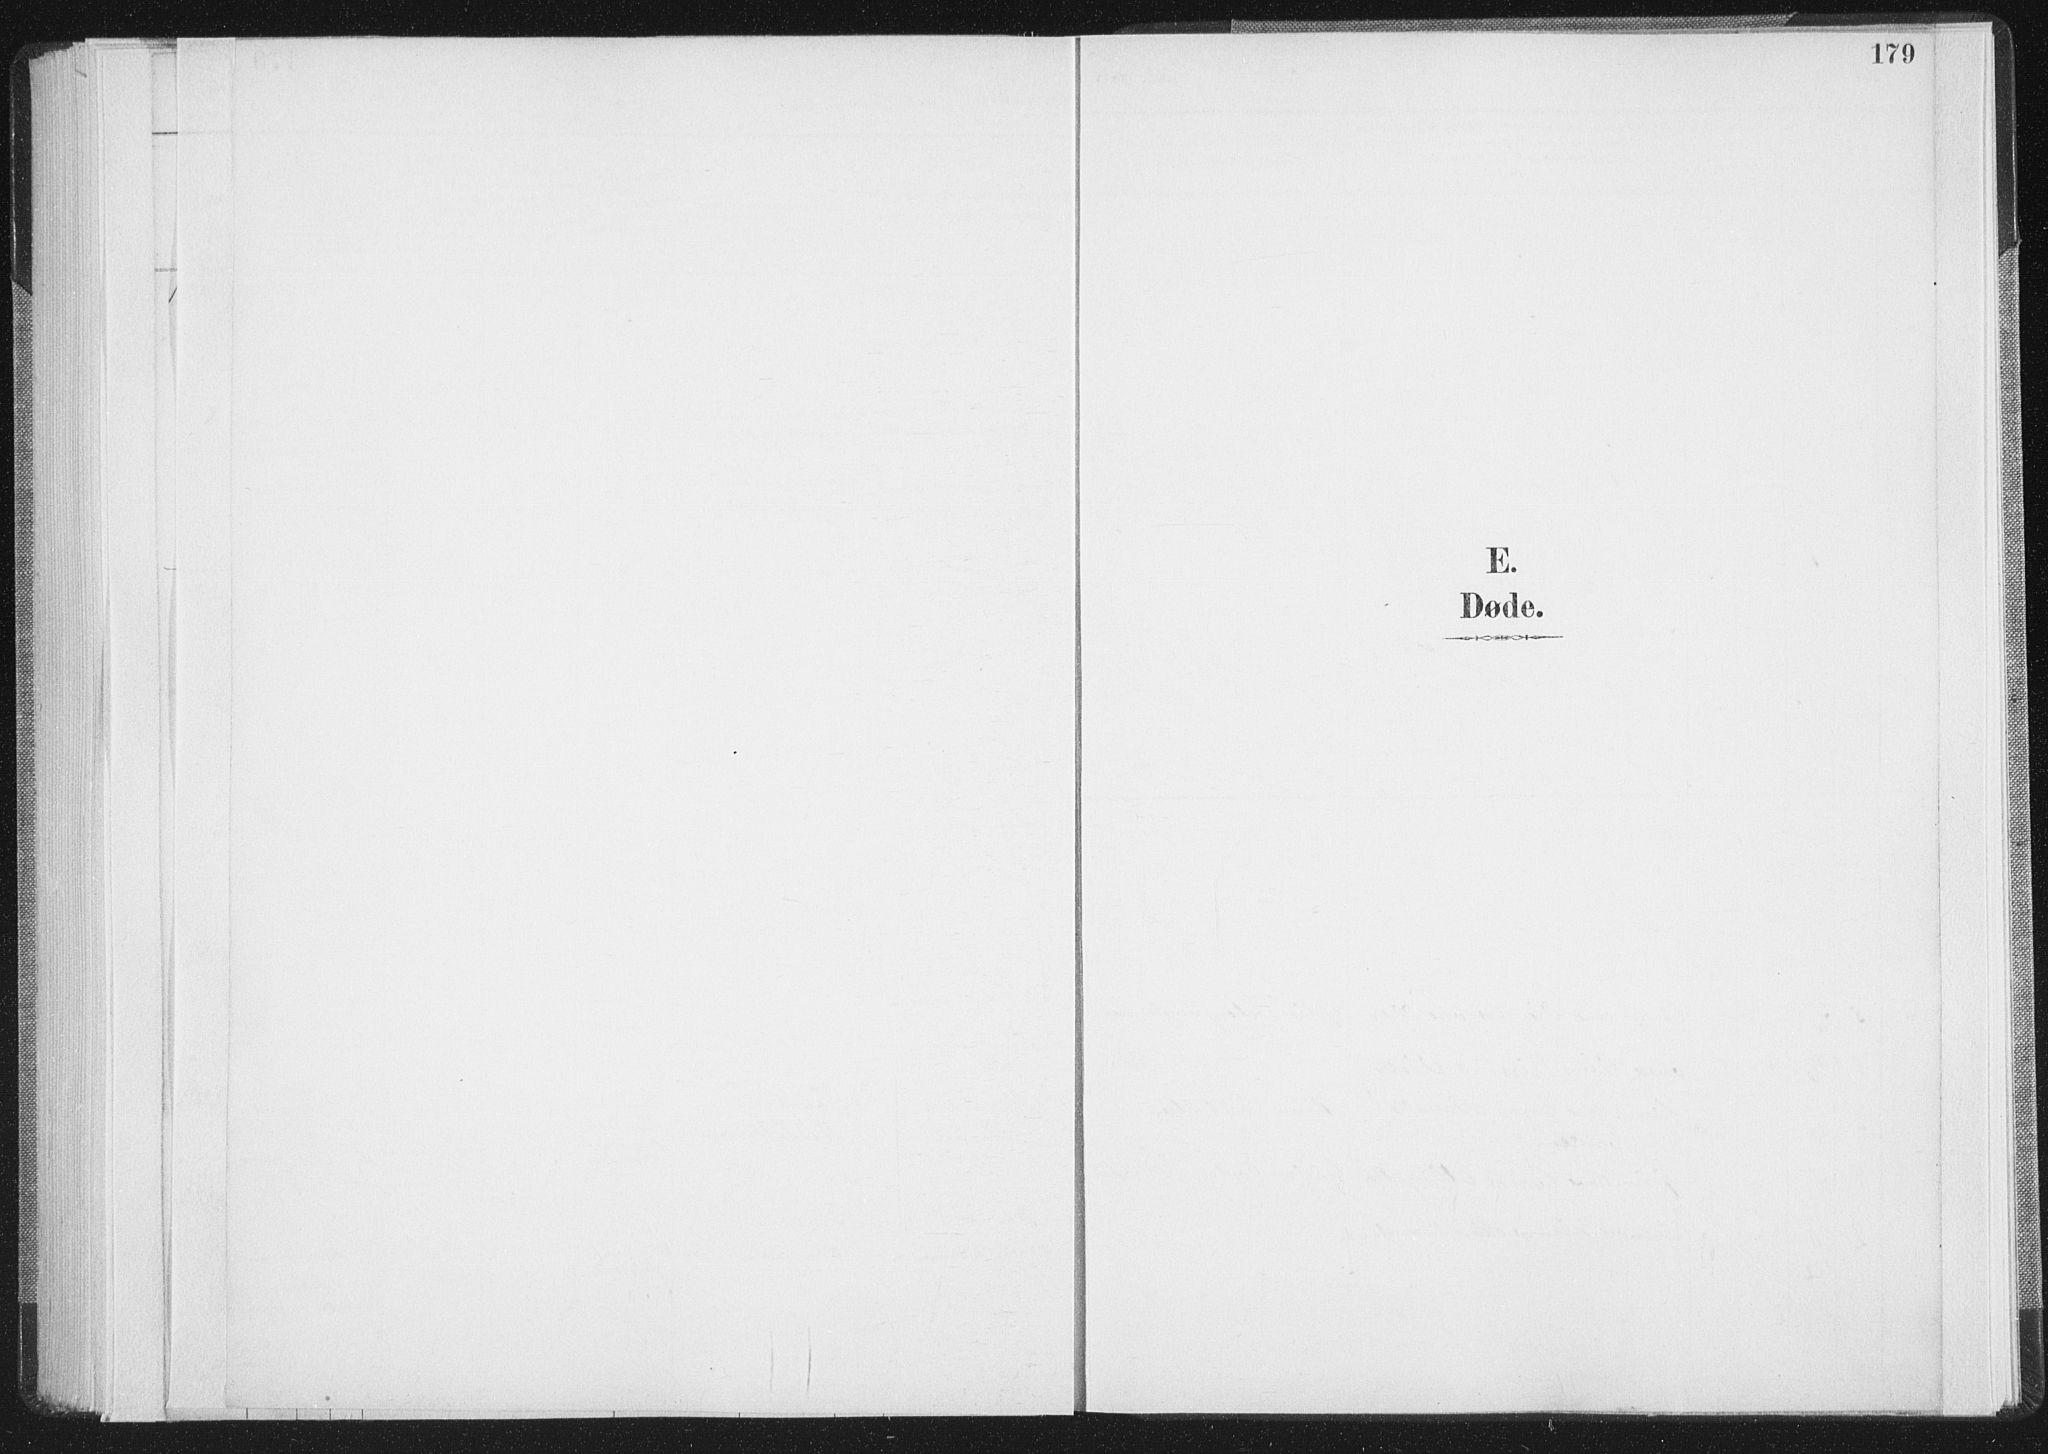 SAT, Ministerialprotokoller, klokkerbøker og fødselsregistre - Nordland, 898/L1422: Parish register (official) no. 898A02, 1887-1908, p. 179